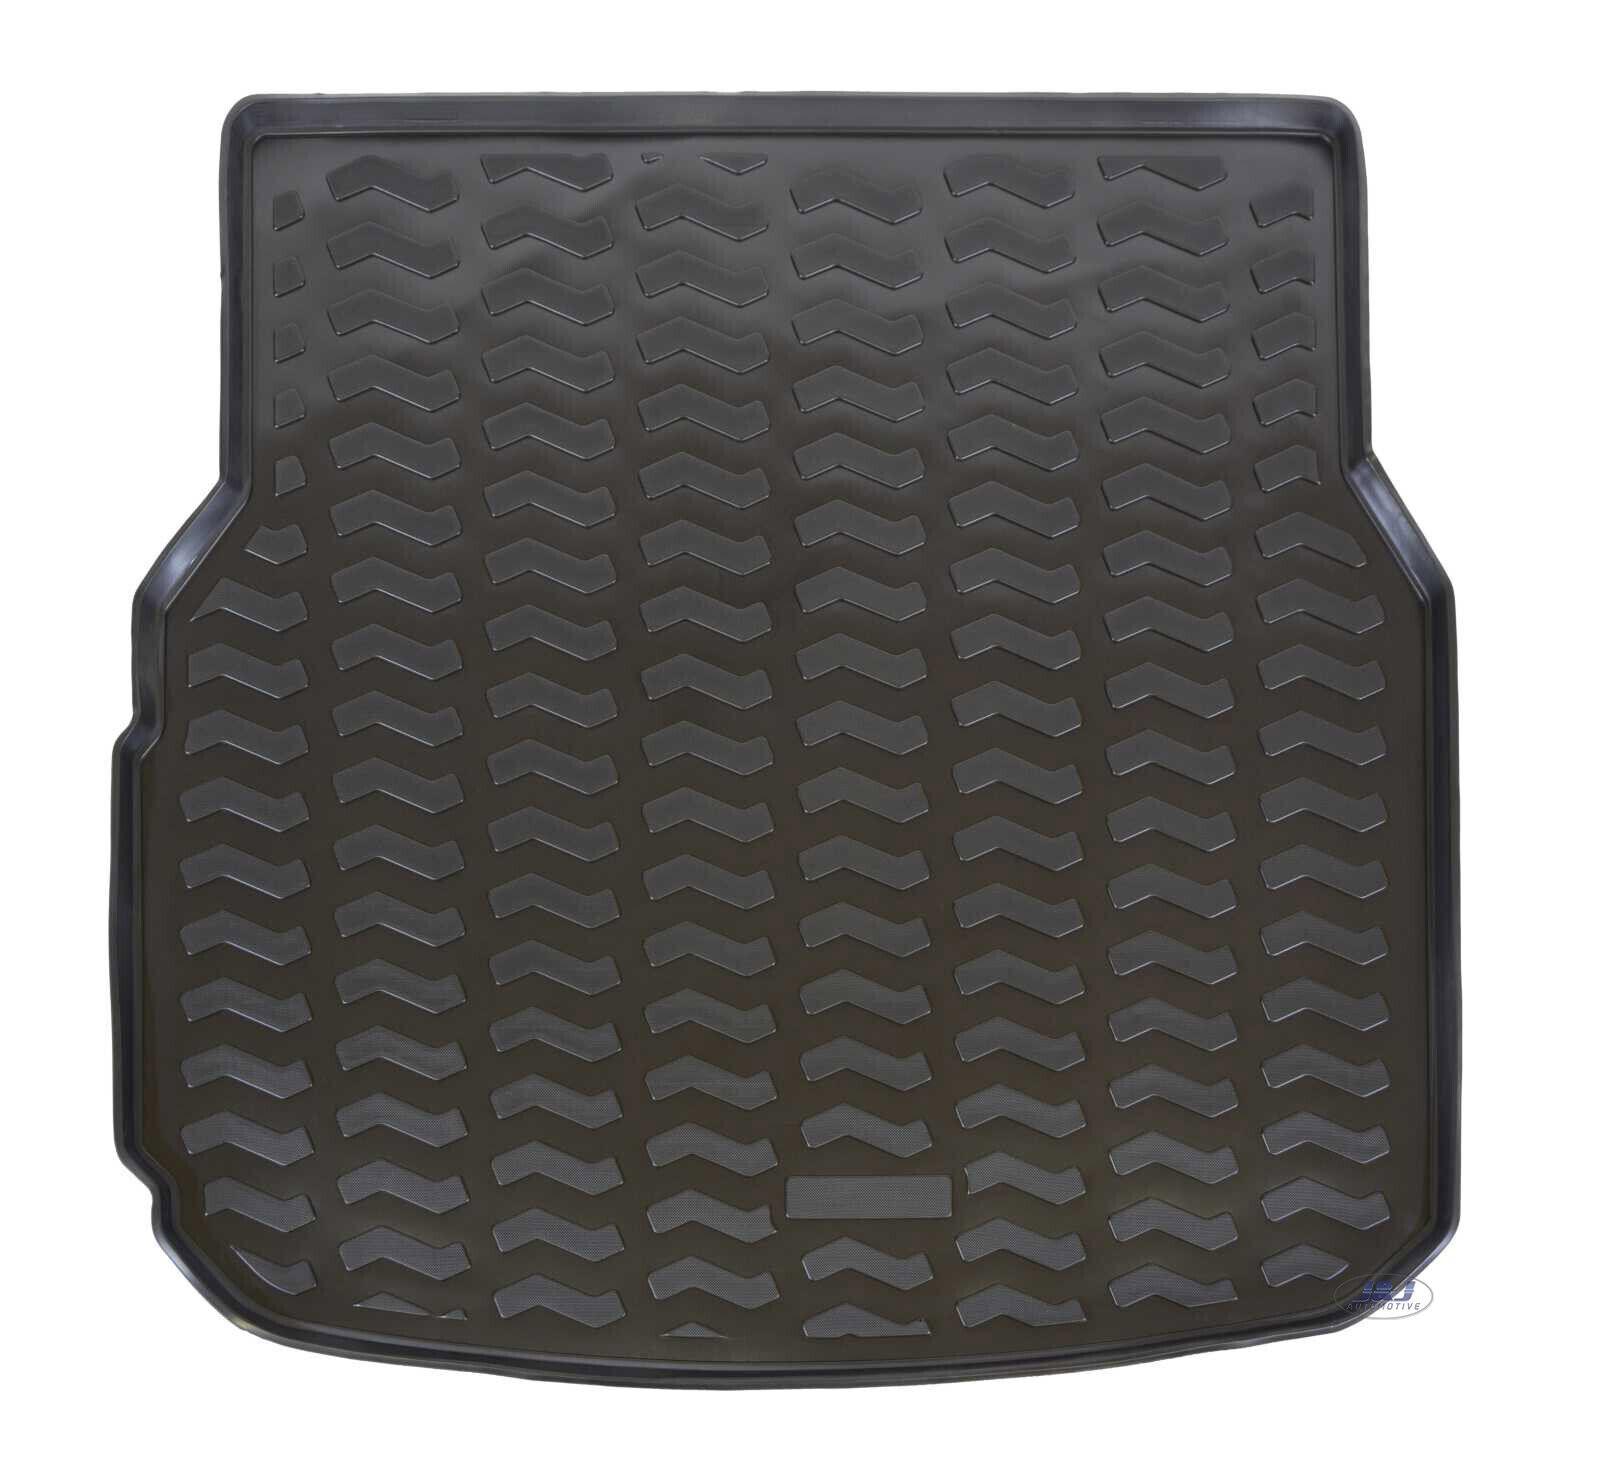 MERCEDES CLASSE C s204 T-Modello-antiscivolo-Tappetino vasca//vano di carico Vasca